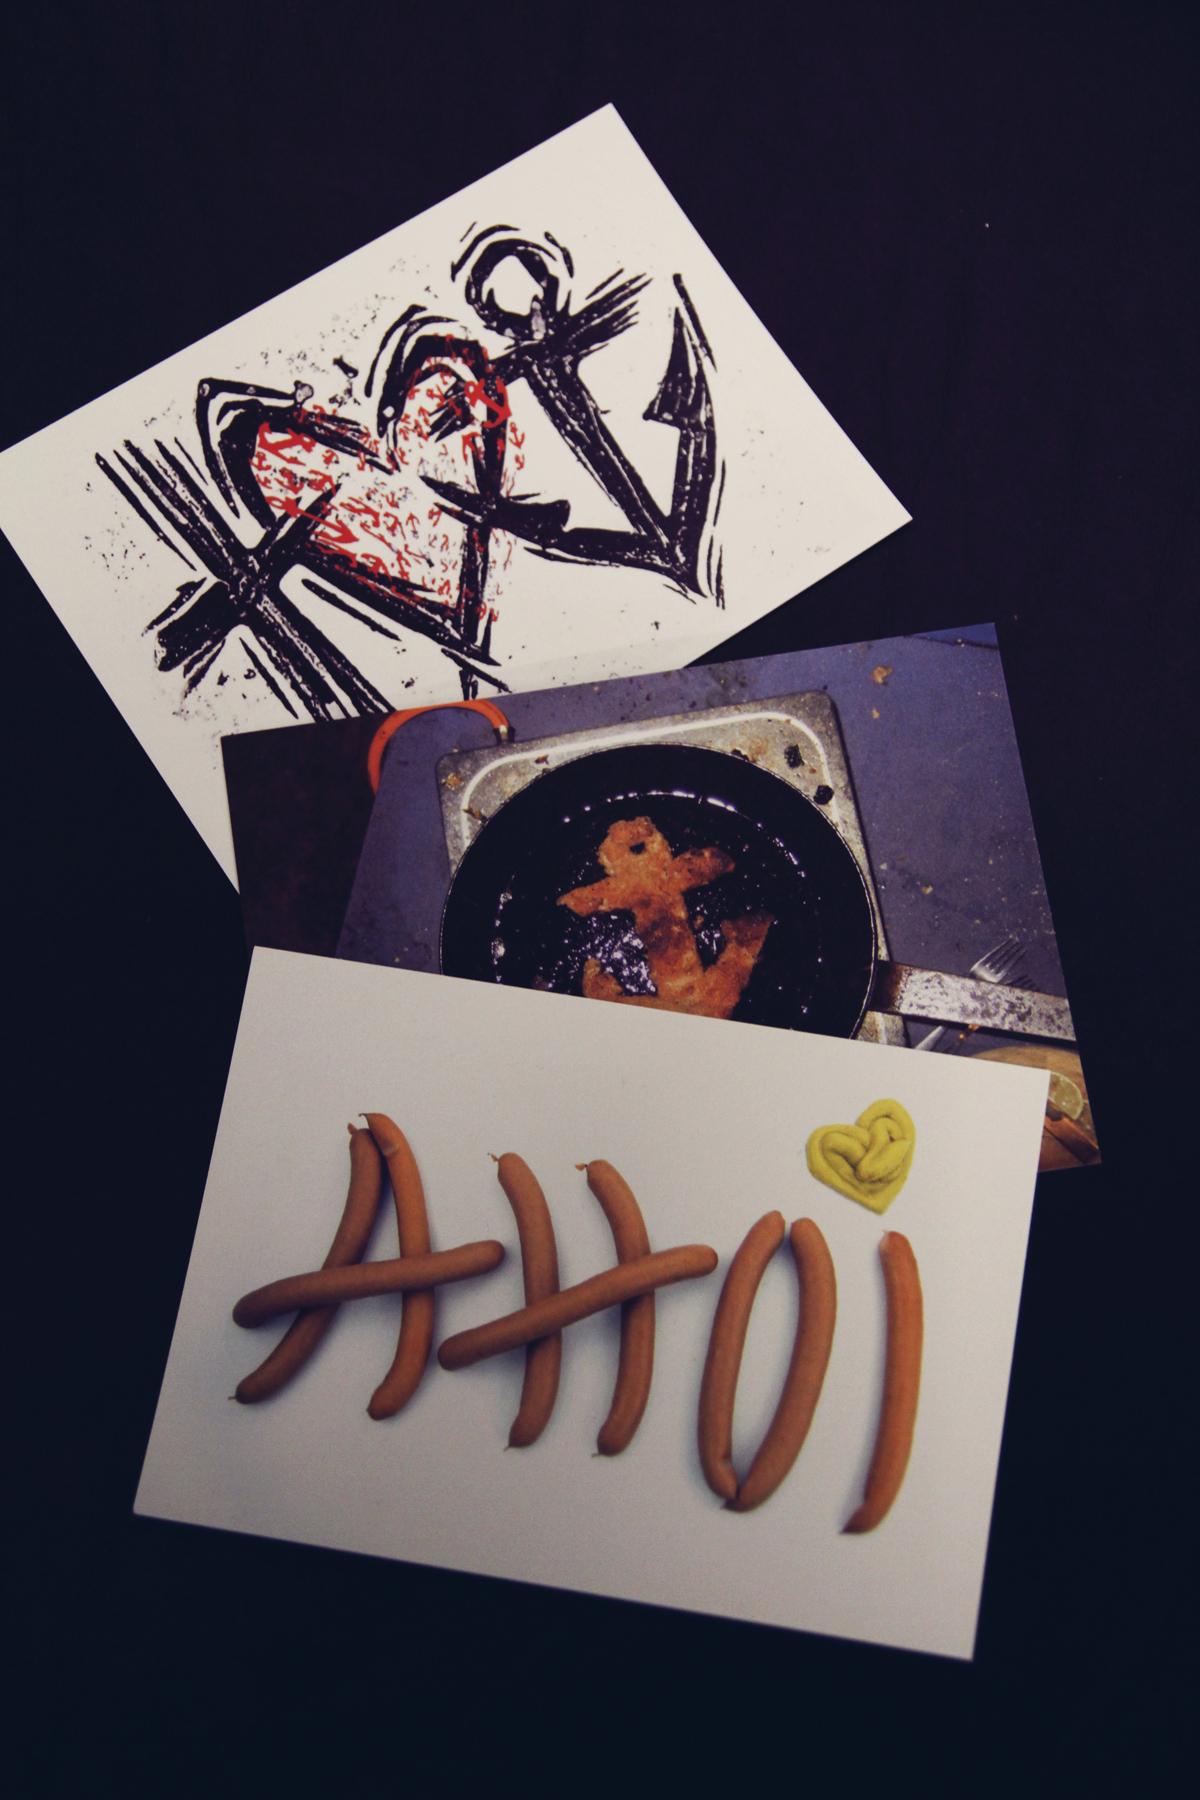 Postkarten_Neptunsgeschmeide